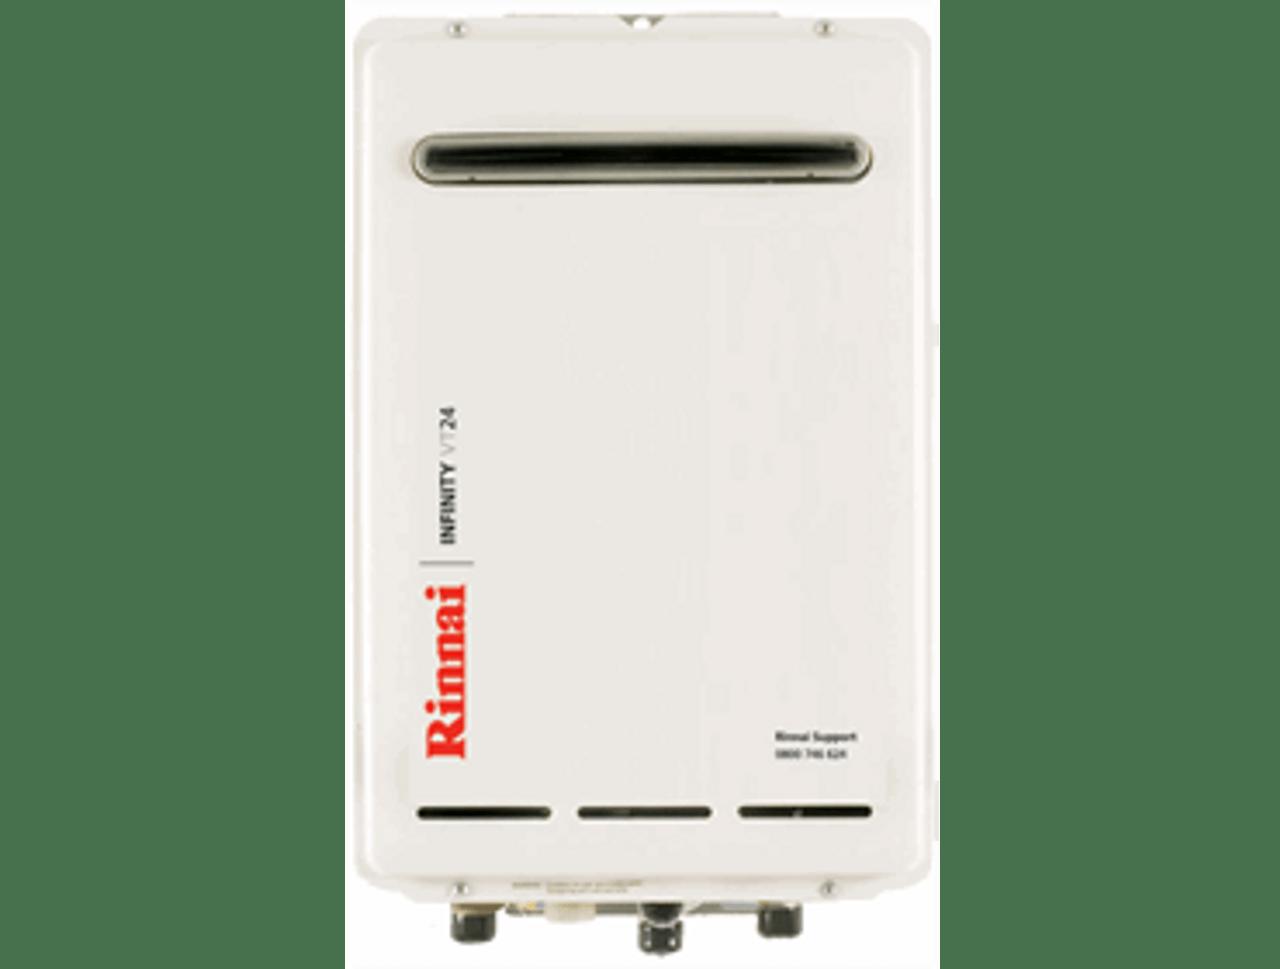 Rinnai Infinity VT24 External Gas Water Heater (LPG)